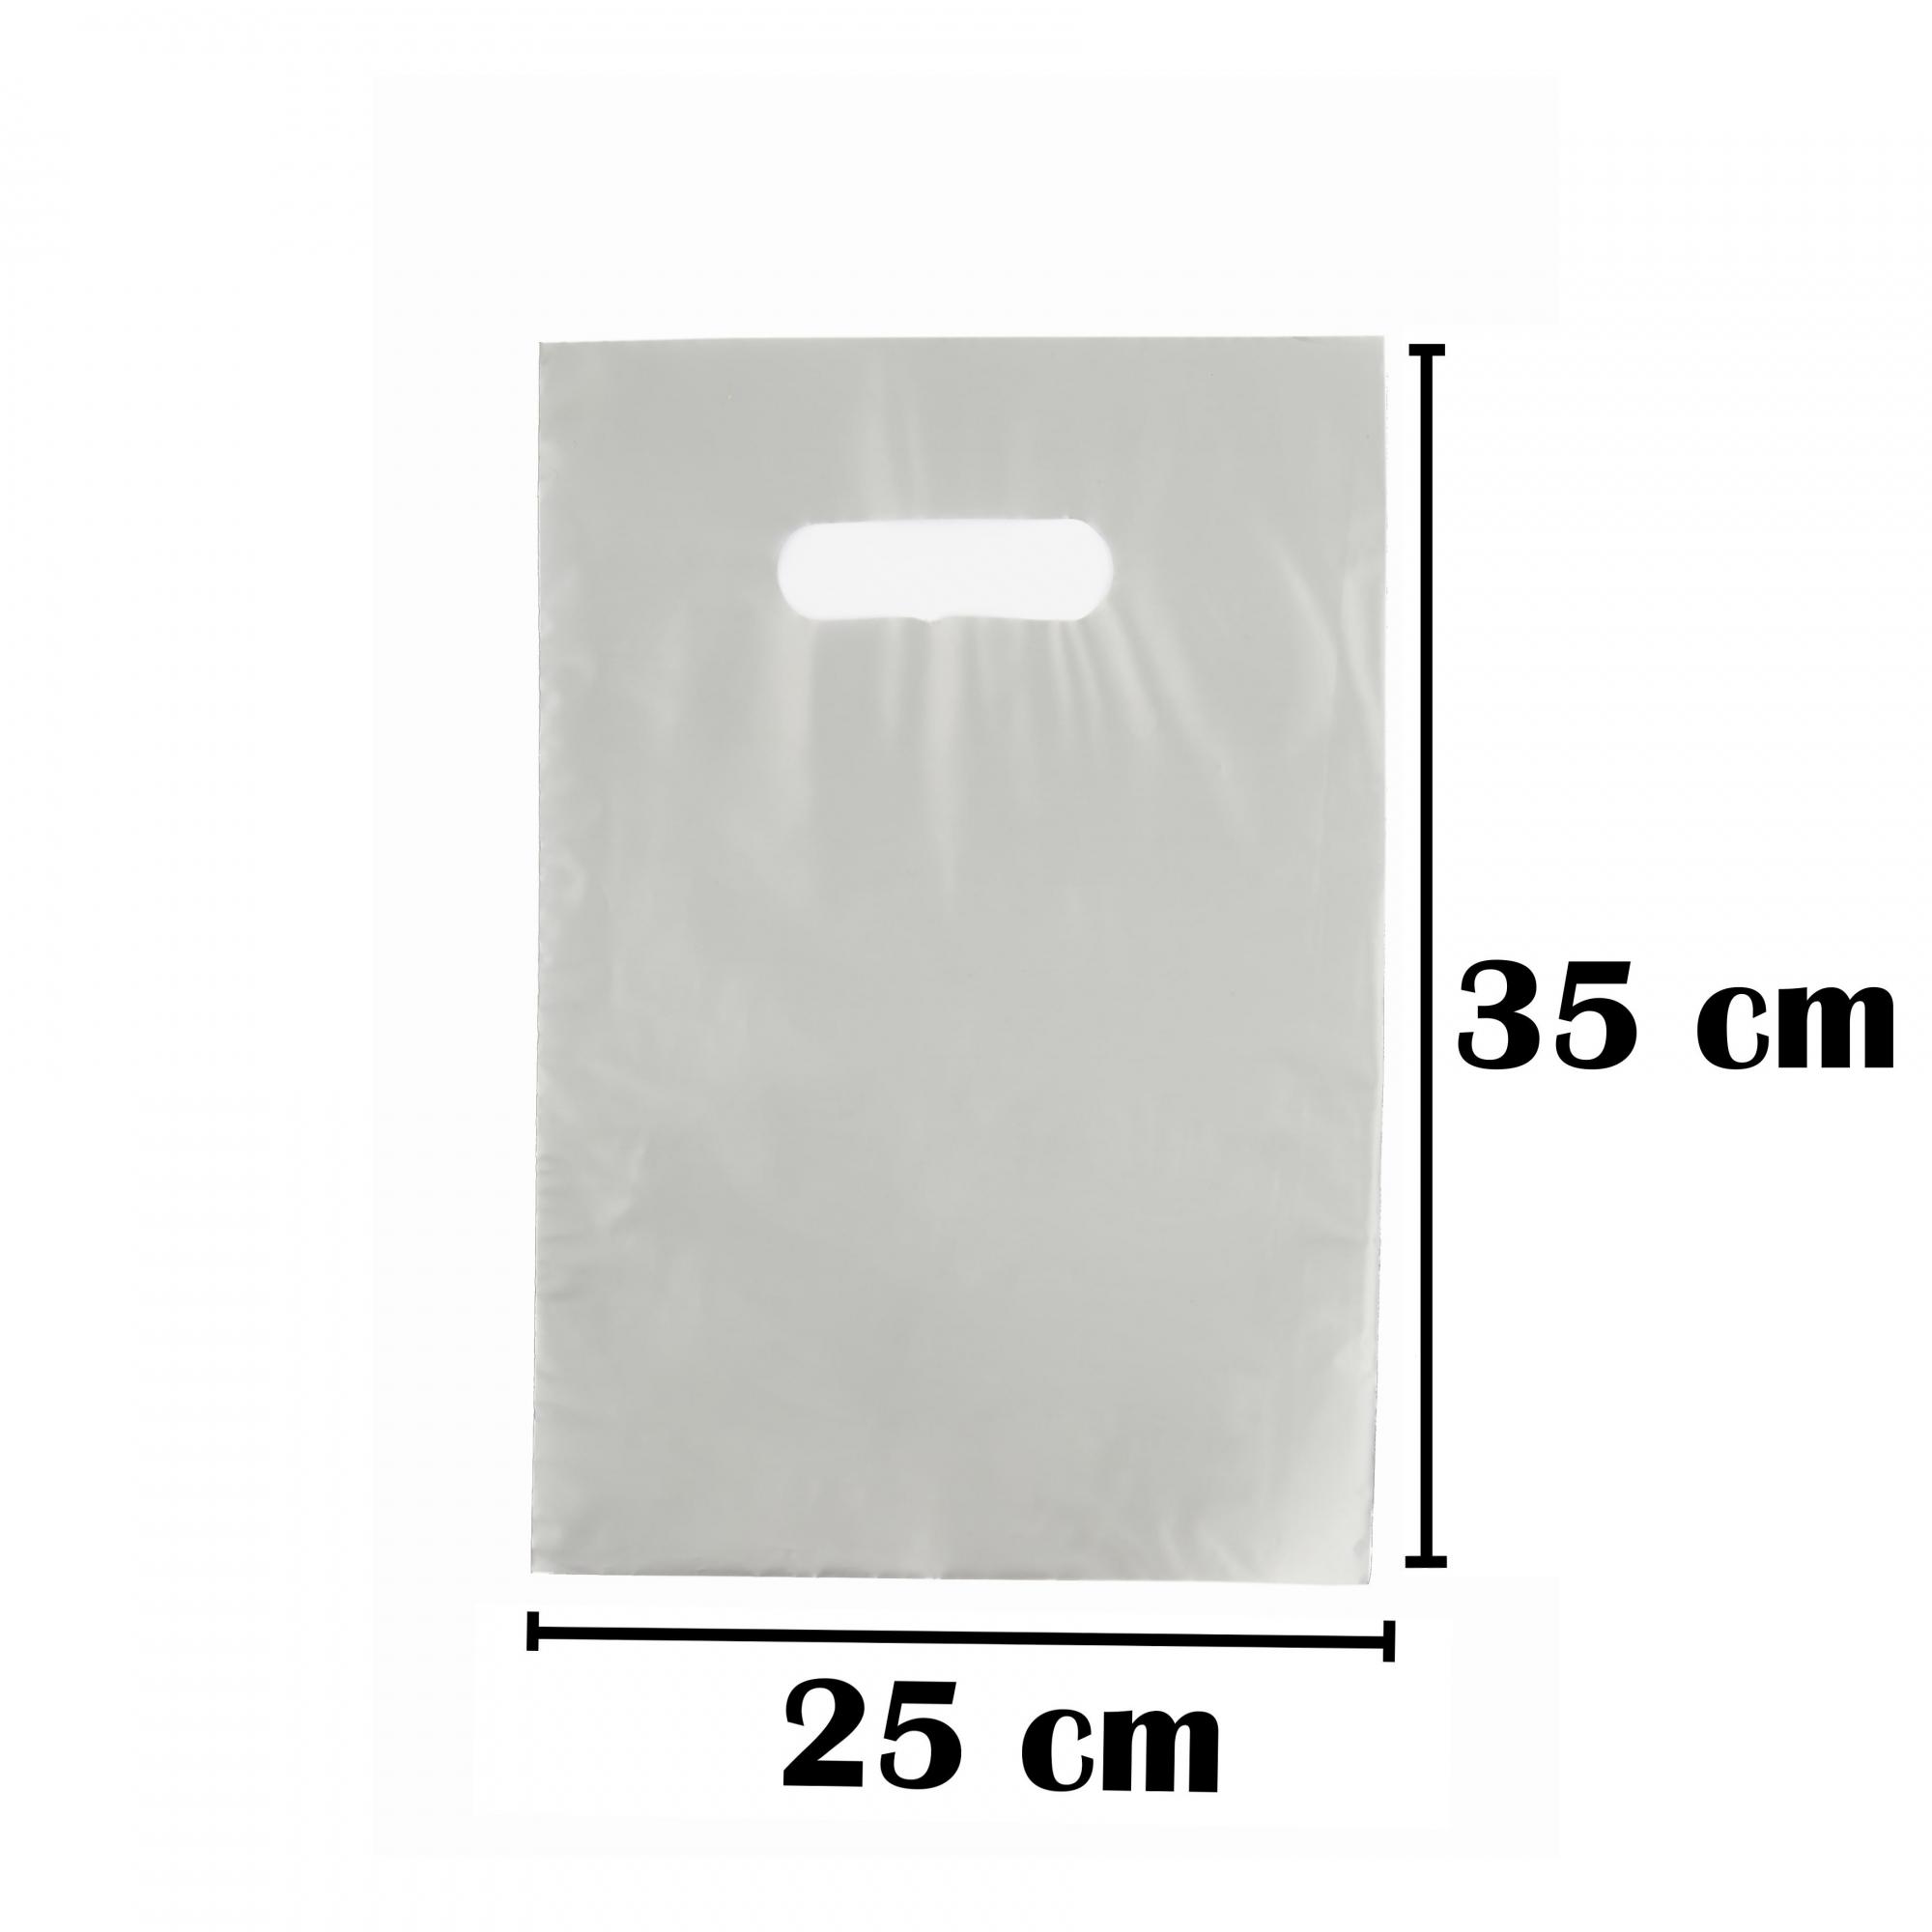 Sacola Plástica 25x35 Prata Alça Boca de Palhaço 500 Unidades